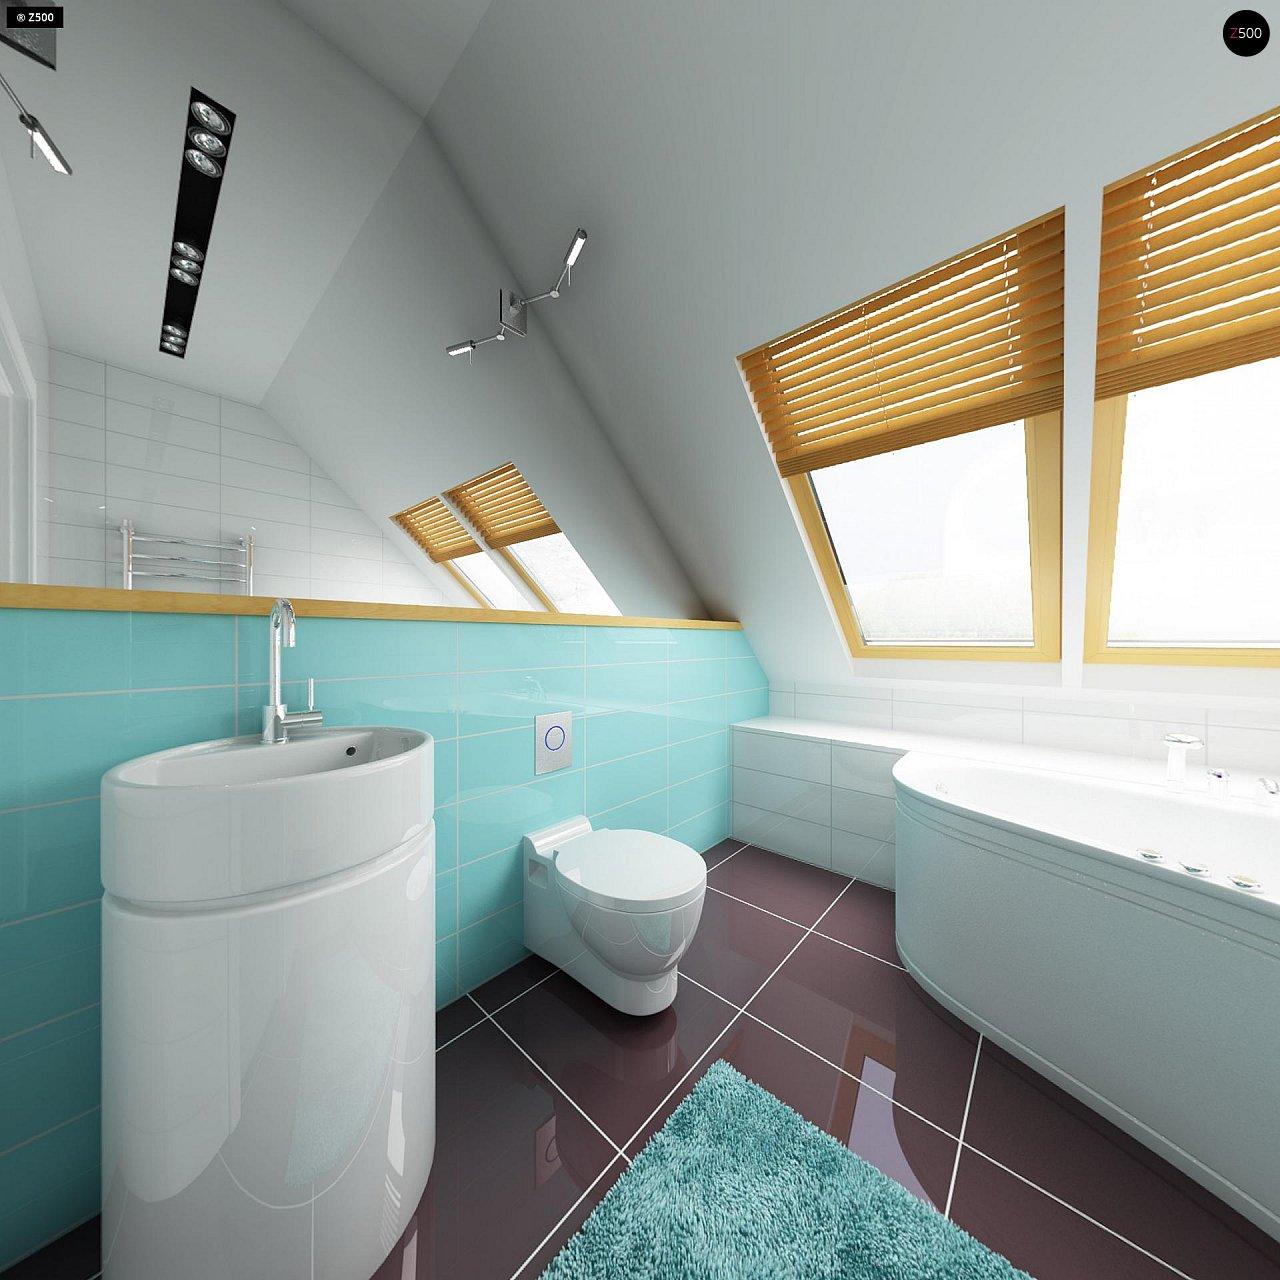 Практичный дом для небольшого участка, простой в строительстве, дешевый в эксплуатации. 16